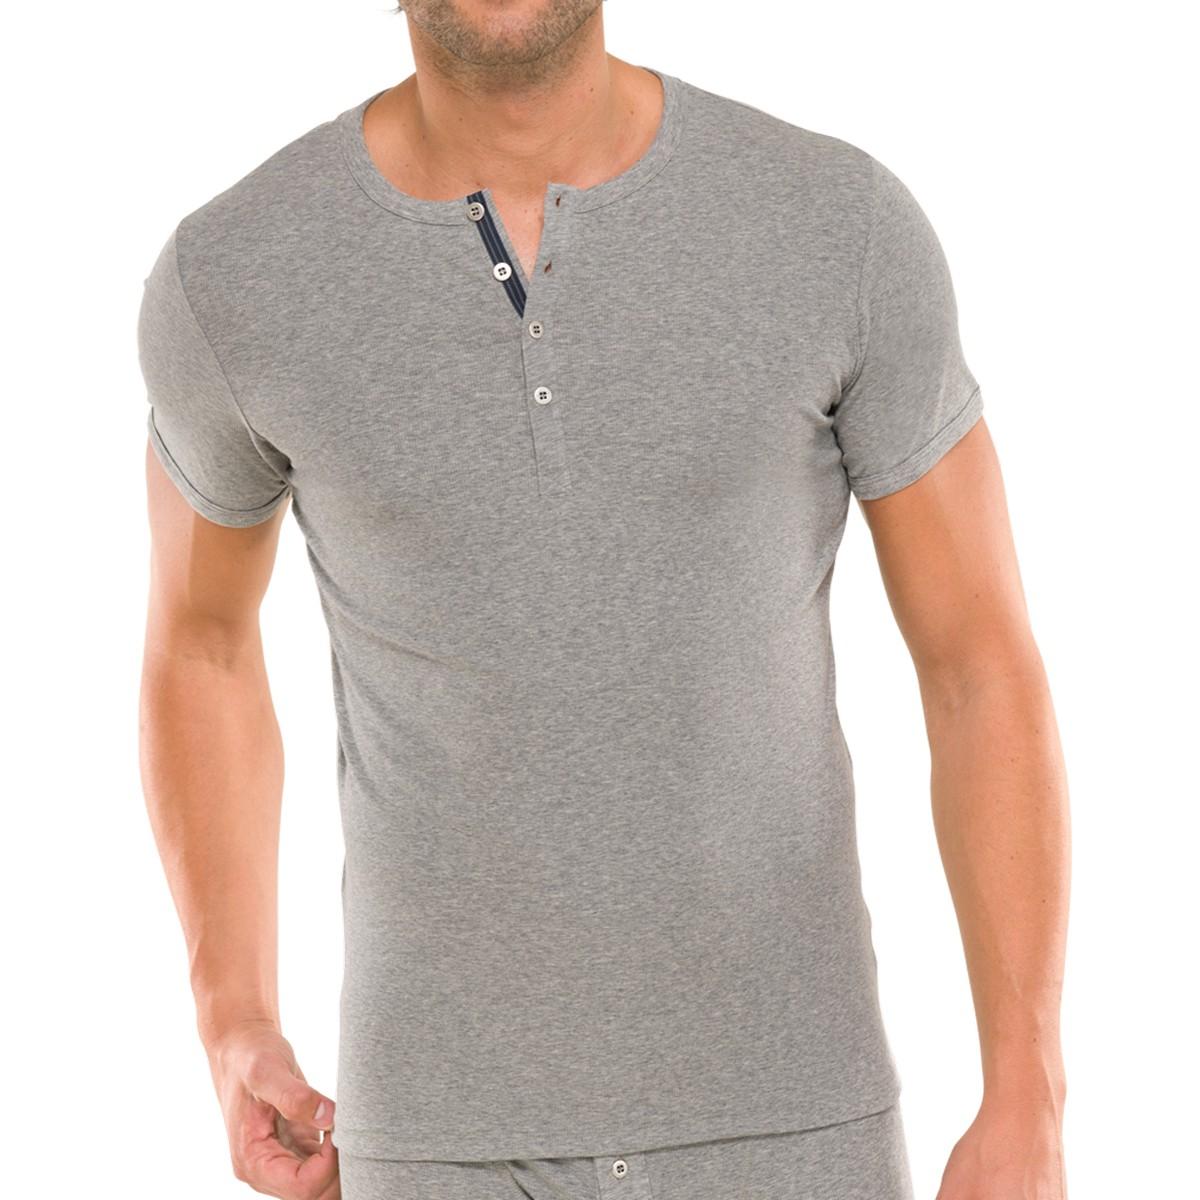 schiesser herren unterhemd shirt halbarm kurzarm 1 2. Black Bedroom Furniture Sets. Home Design Ideas